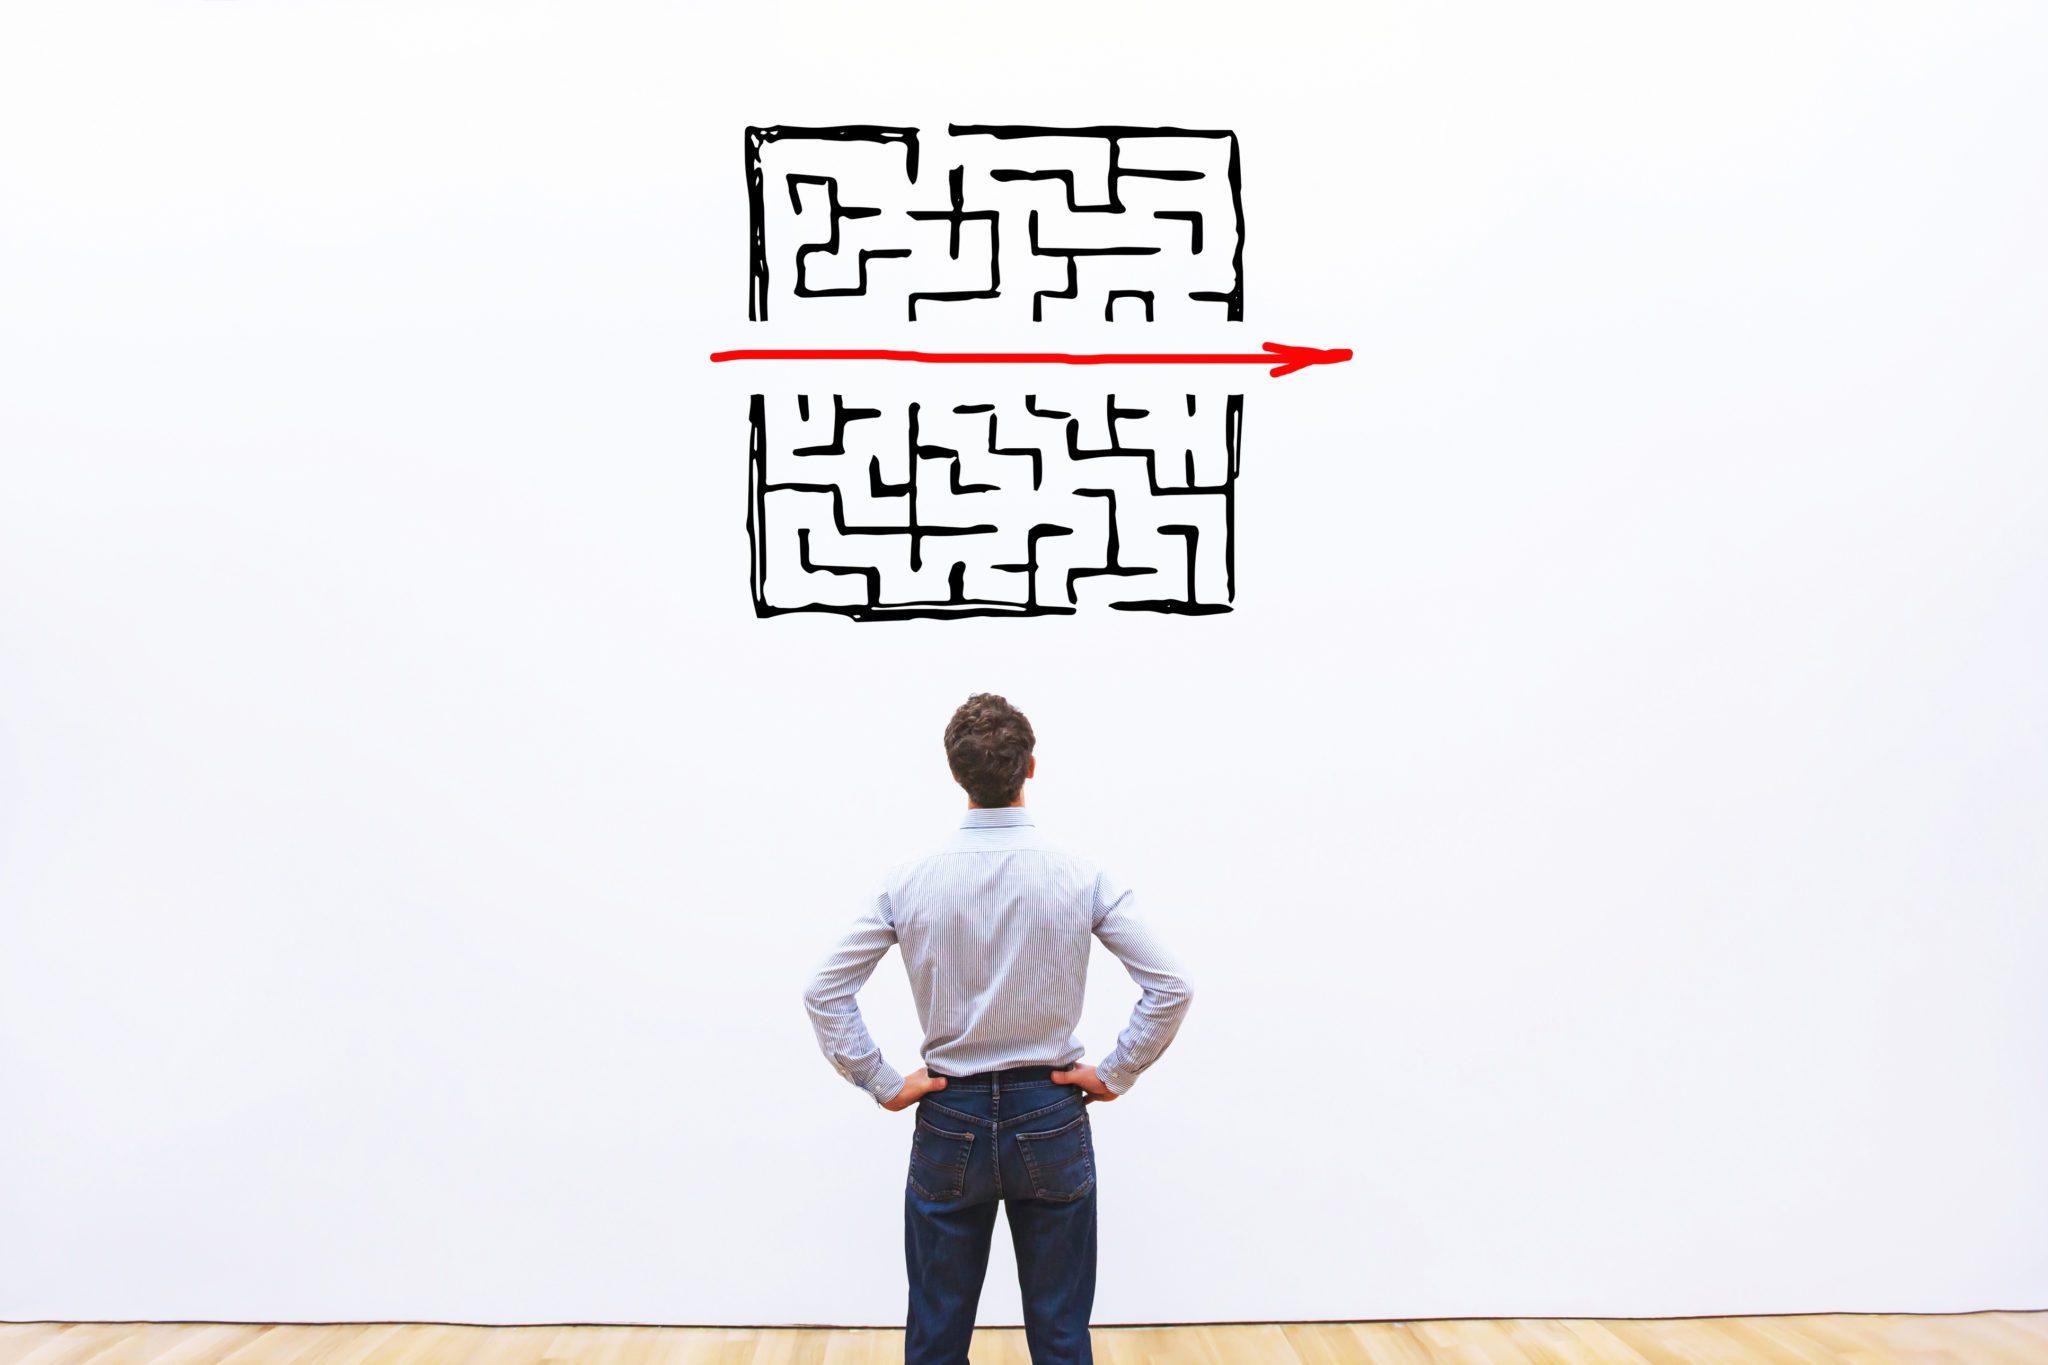 Straight path through a maze